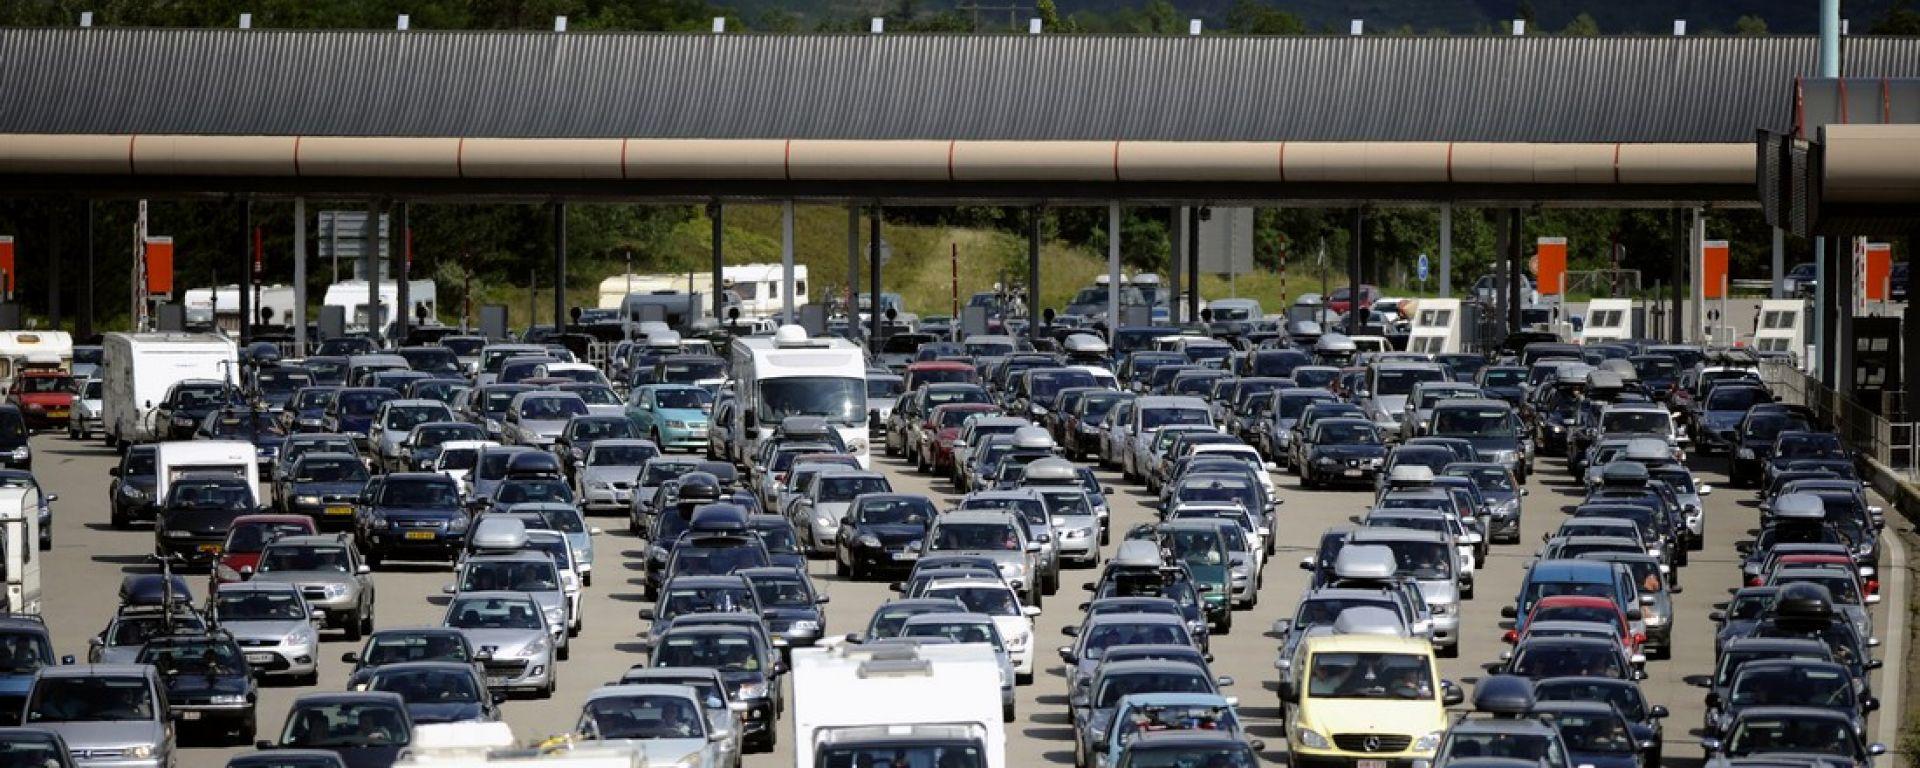 Pasqua 2019, atteso traffico critico